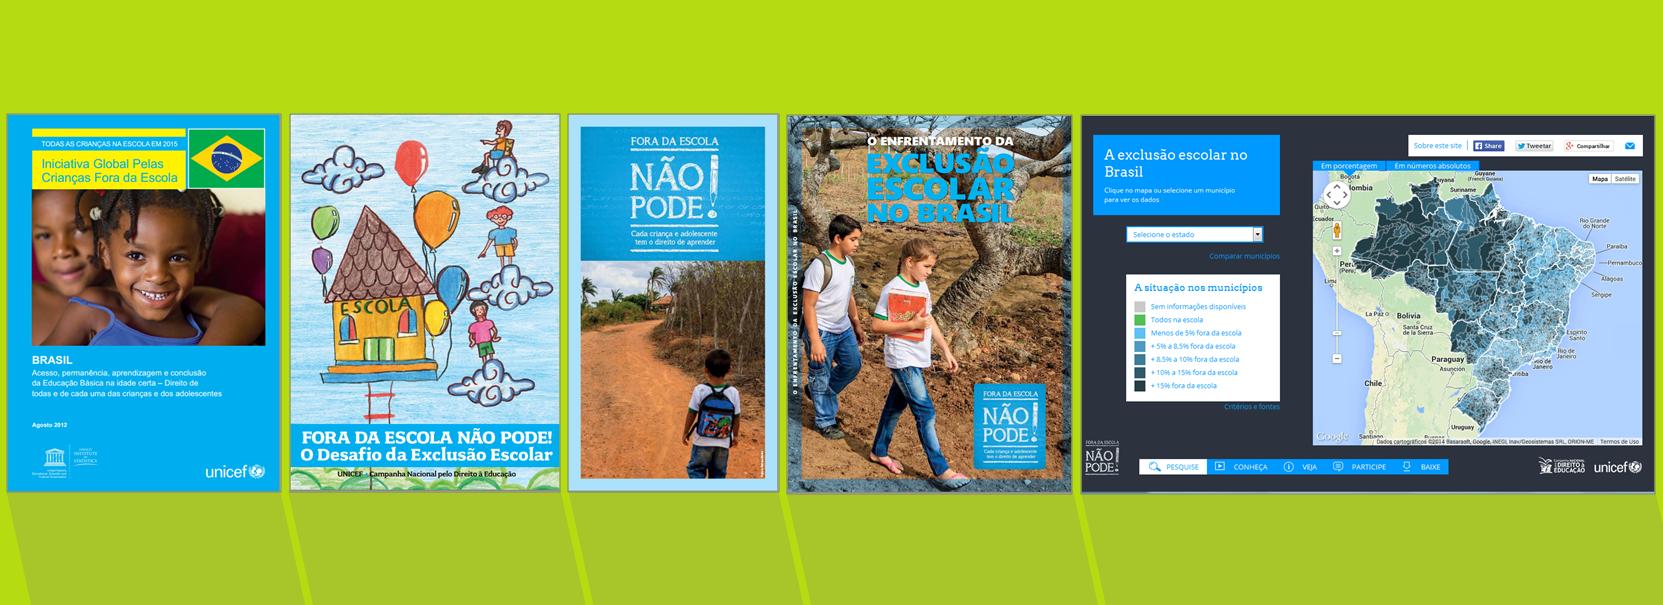 Fora_da_Escola_Nao_Pode_multiplataforma_post